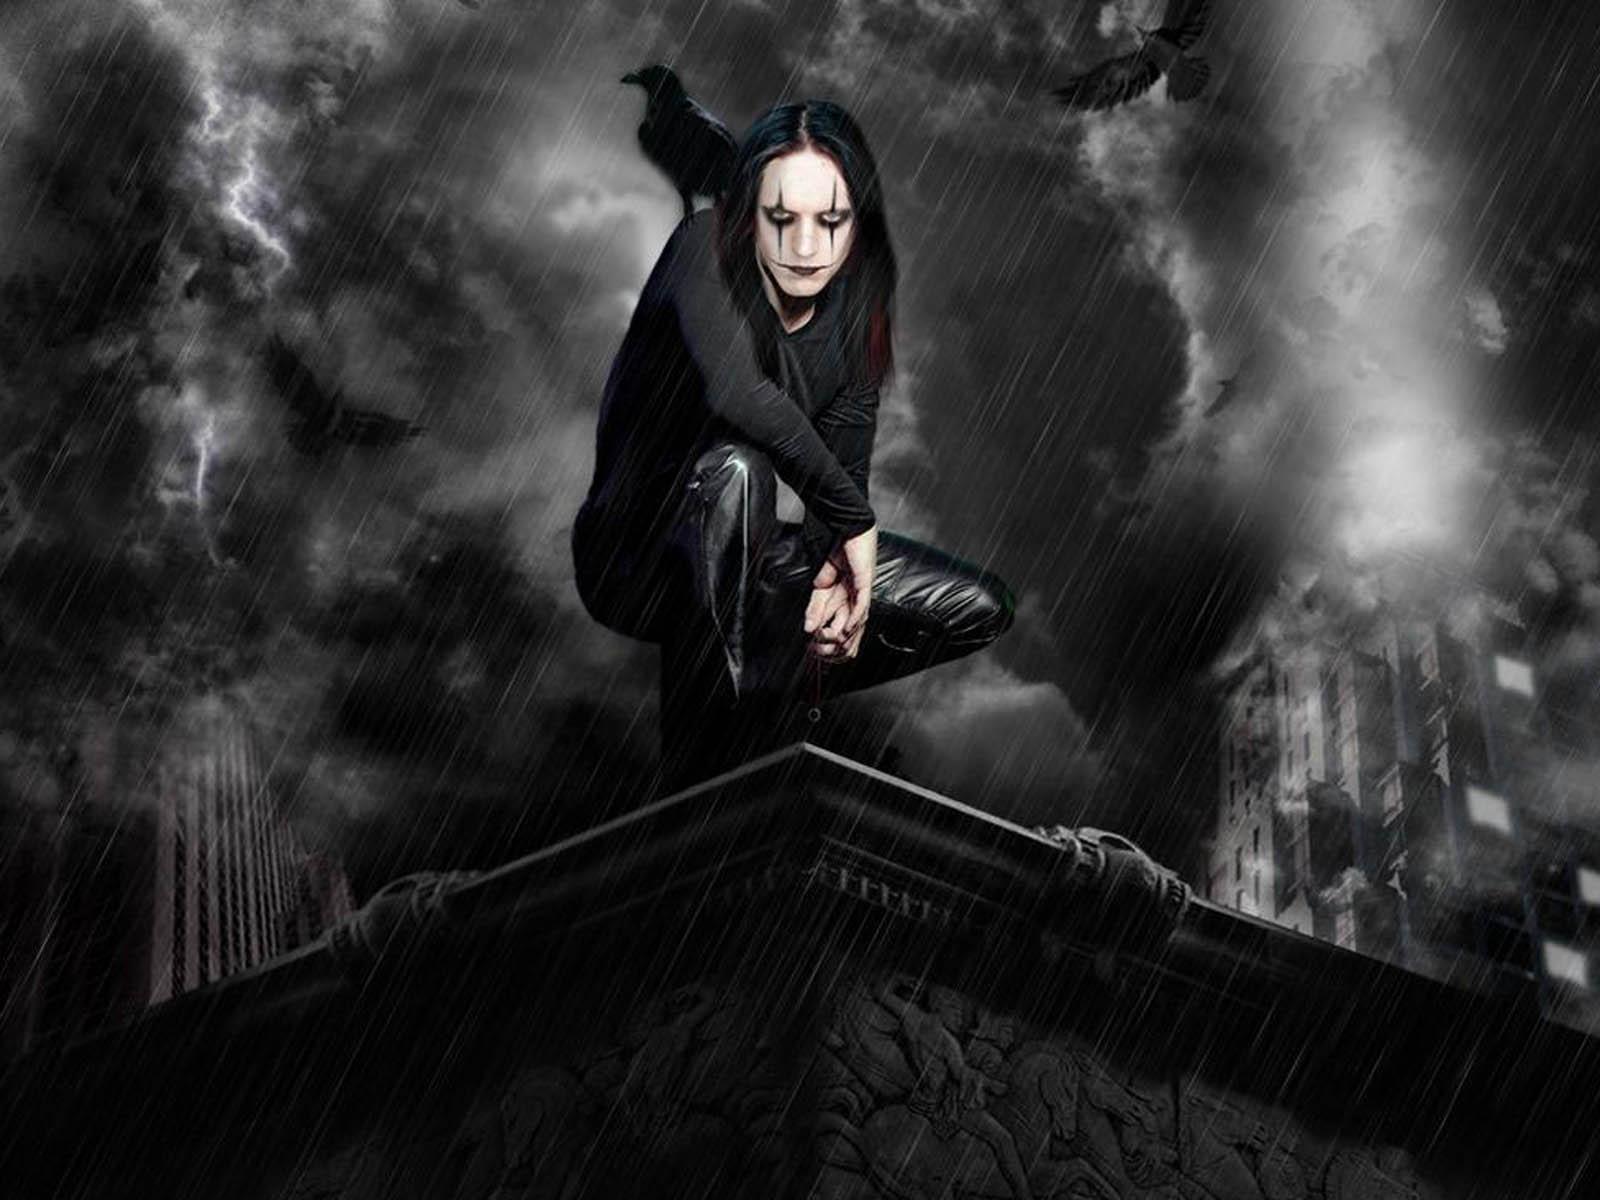 Free Vampire Wallpapers and Screensavers - WallpaperSafari